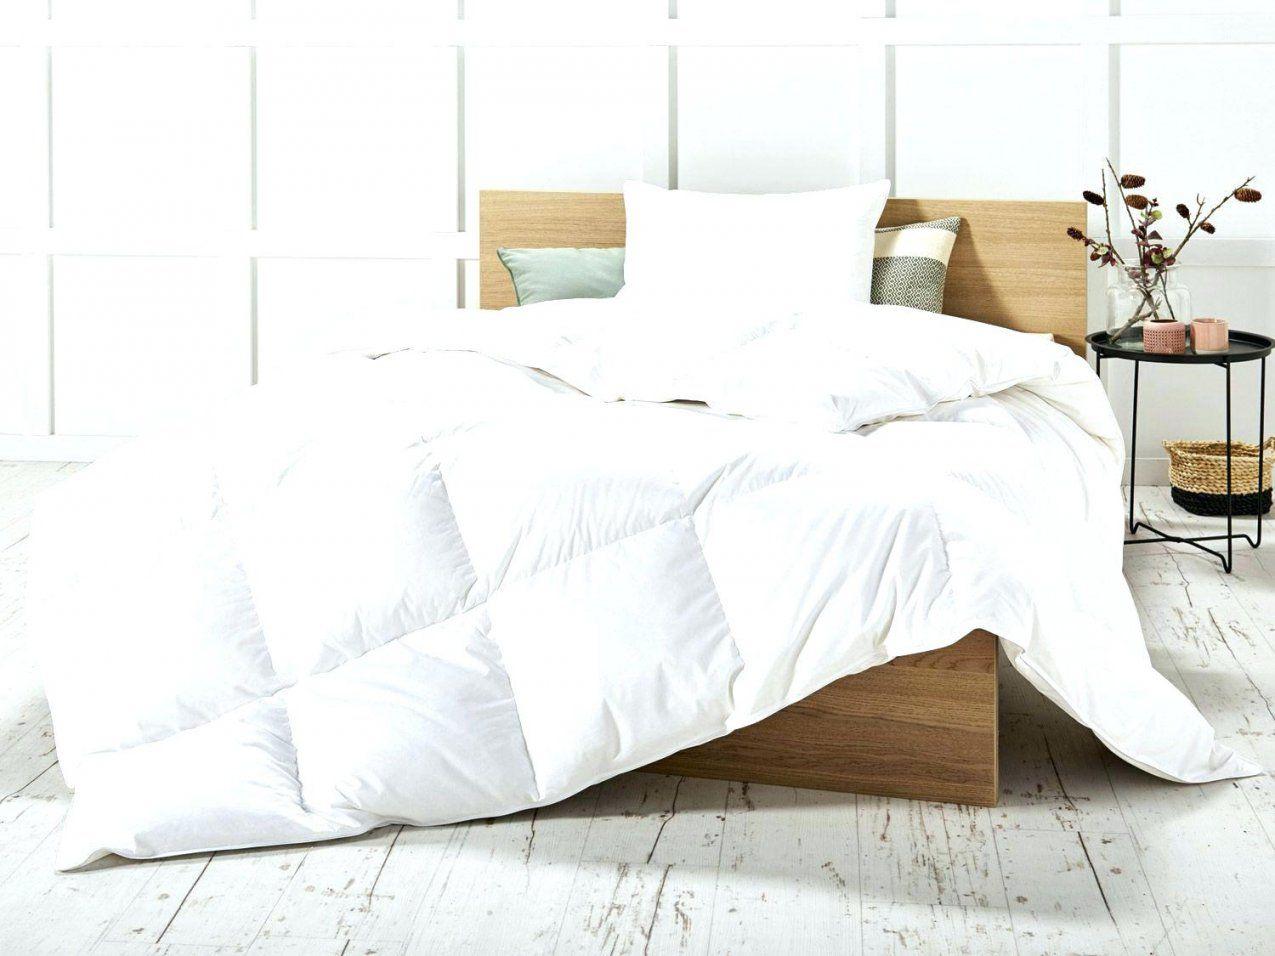 Dormia Matratzen Matratze Meradisoar Luxus Daunen Kassettendecke 155 von Aldi Matratze Memofit Bild